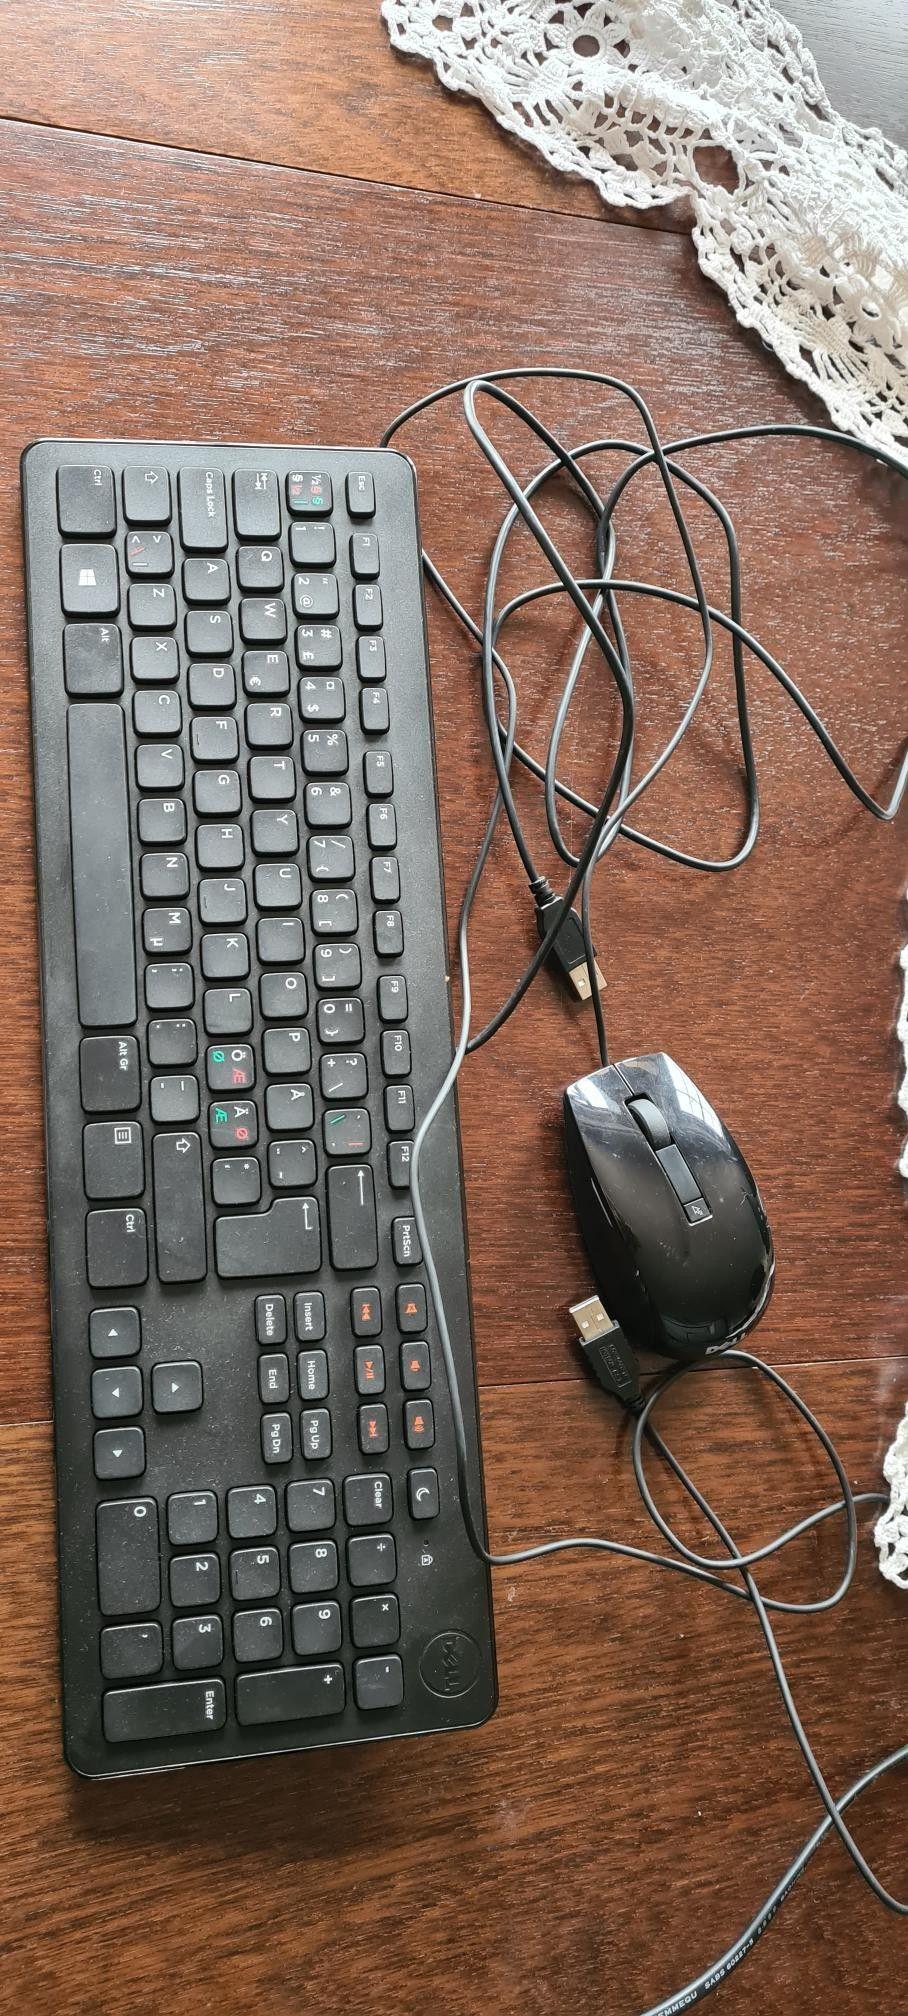 Tastatur PC | FINN.no